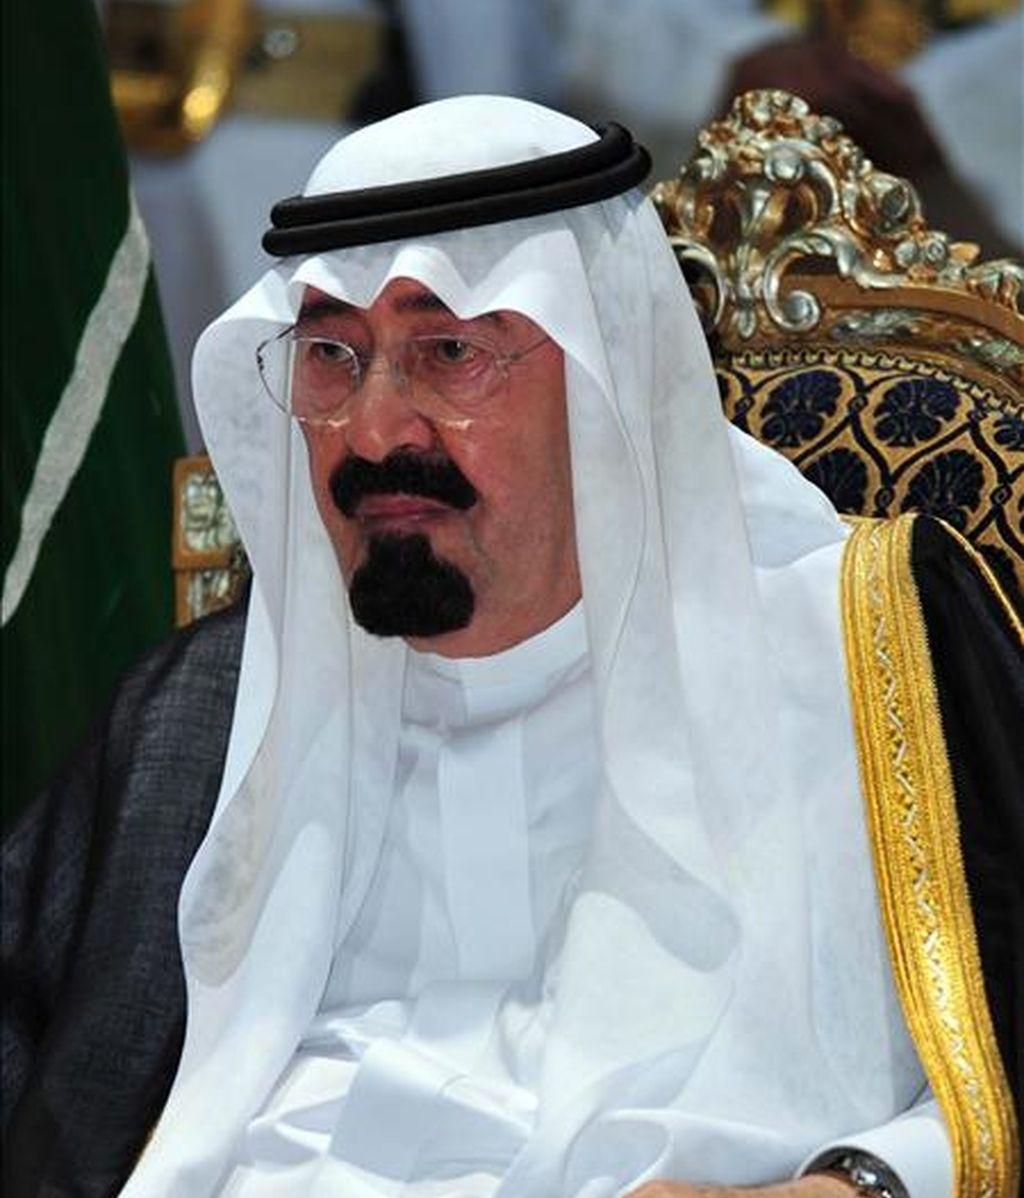 El rey de Arabia Saudita, Abdalá bin Abdelaziz, de 86 años, consiguió situarse en la tercera posición del listado. EFE/Archivo